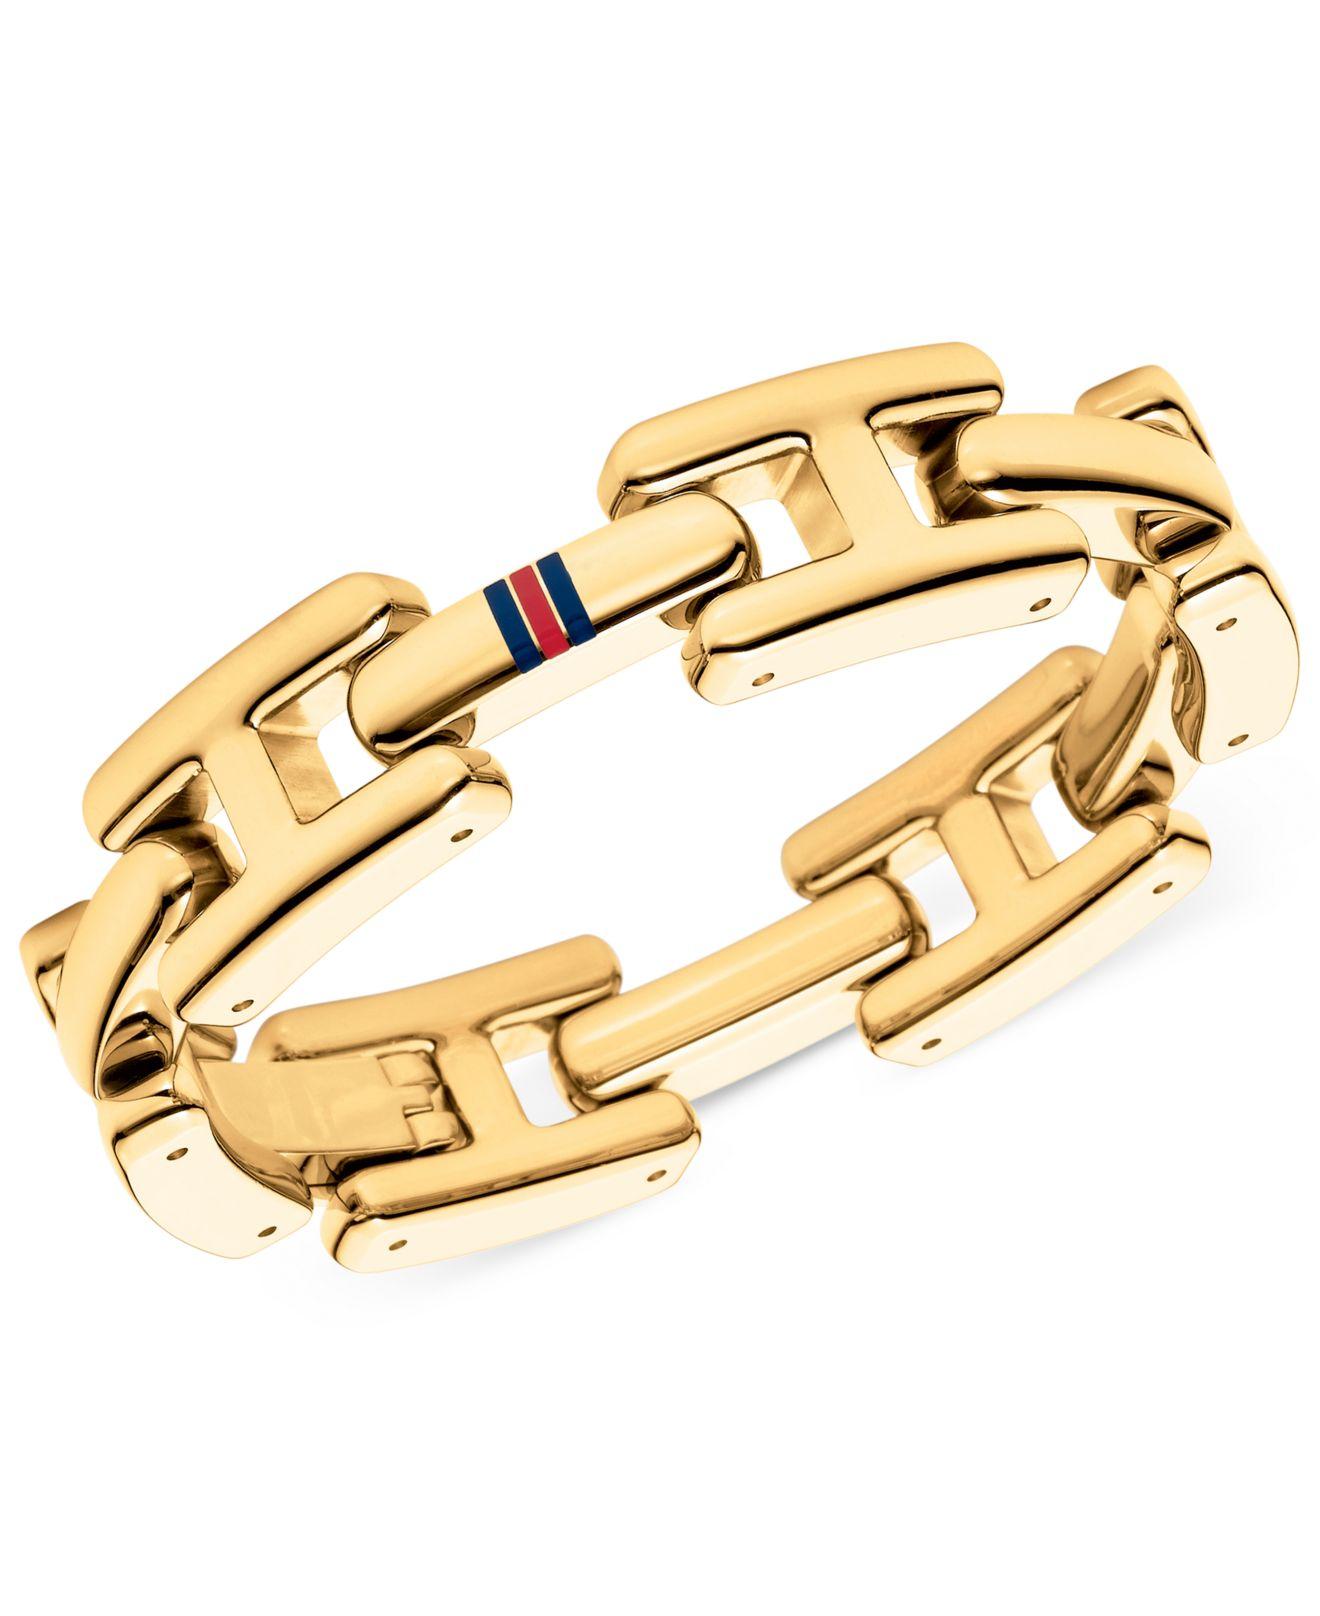 lyst tommy hilfiger gold tone h logo link bracelet in metallic. Black Bedroom Furniture Sets. Home Design Ideas